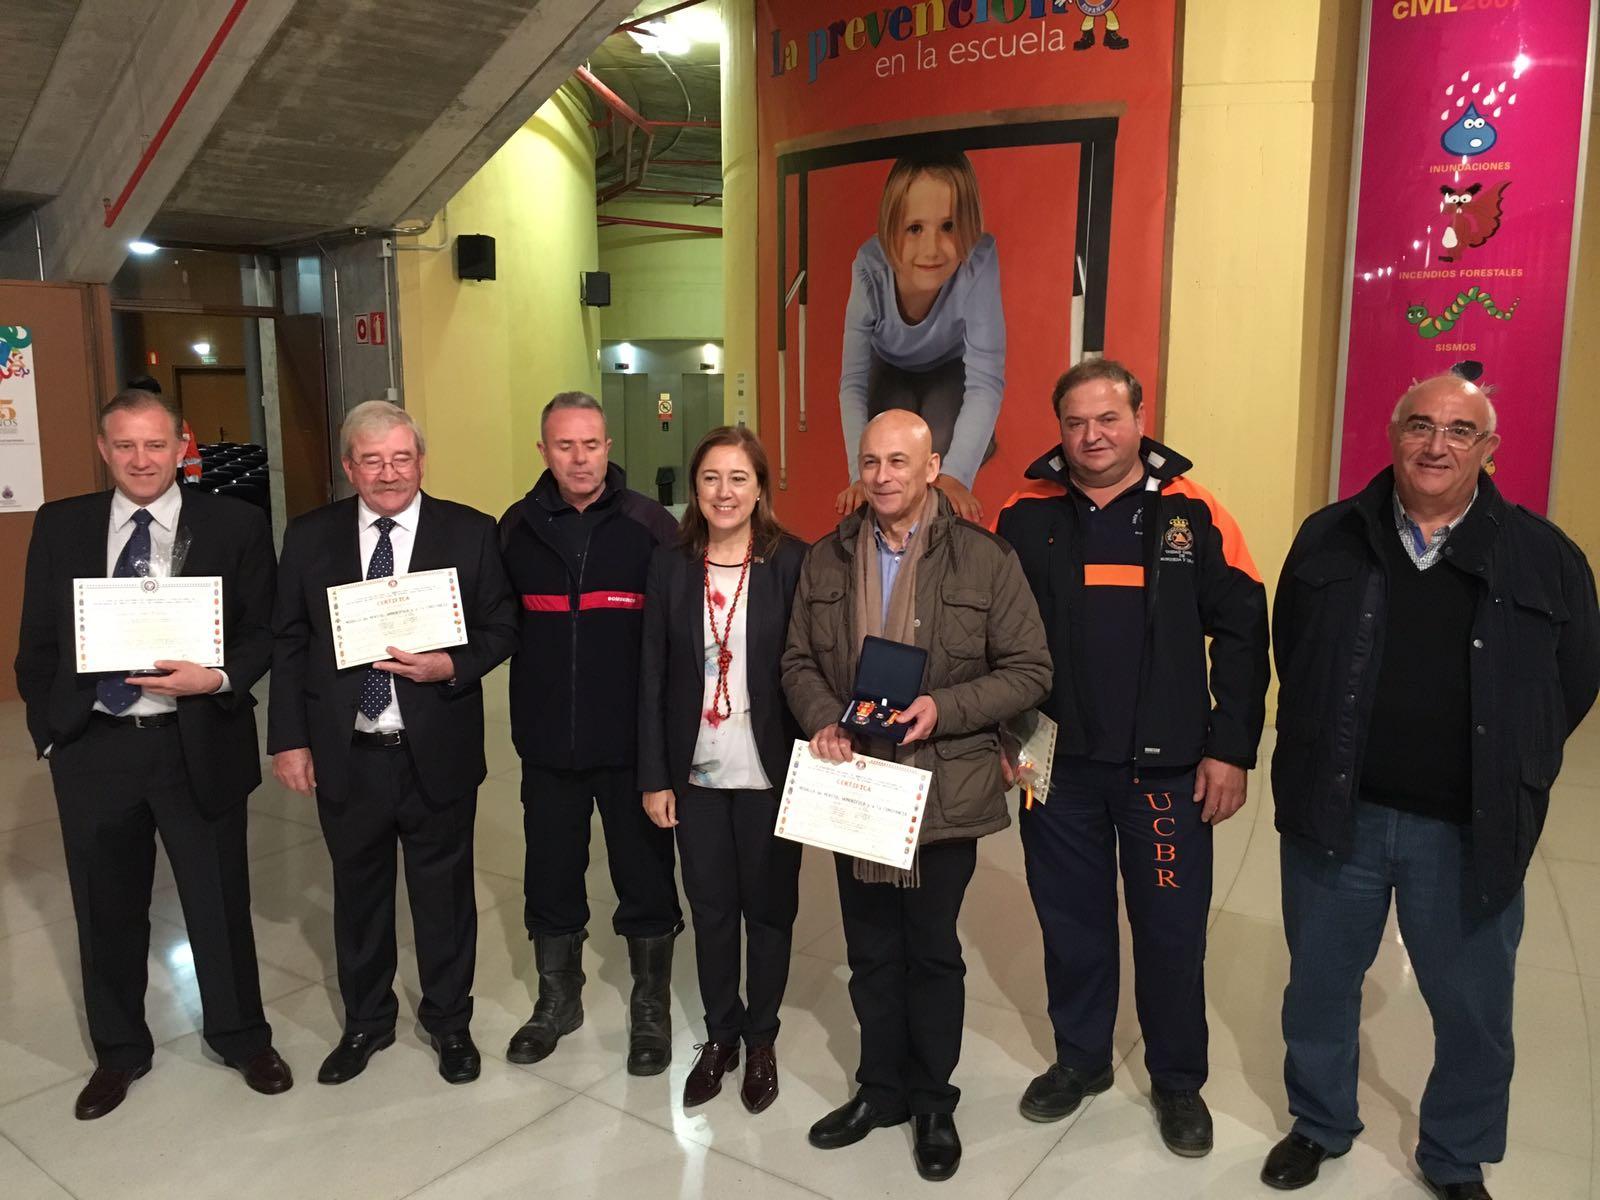 El Ayuntamiento de Socuéllamos distinguido con la placa al mérito colectivo en categoría de oro por la asociación de voluntarios de protección civil